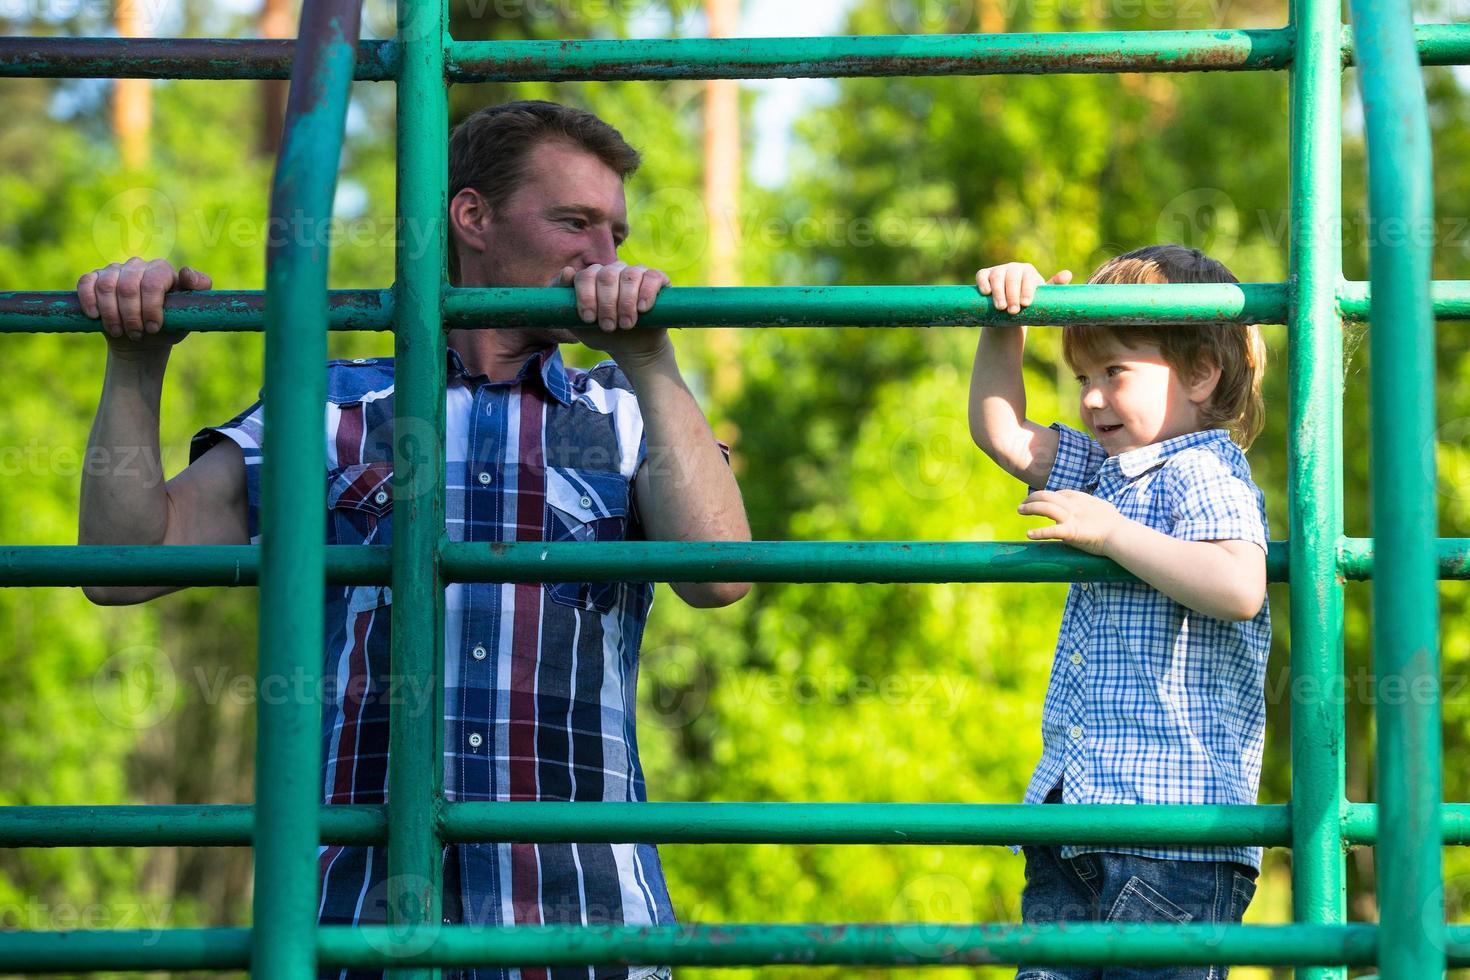 padre e hijo jugando en el patio de recreo. foto